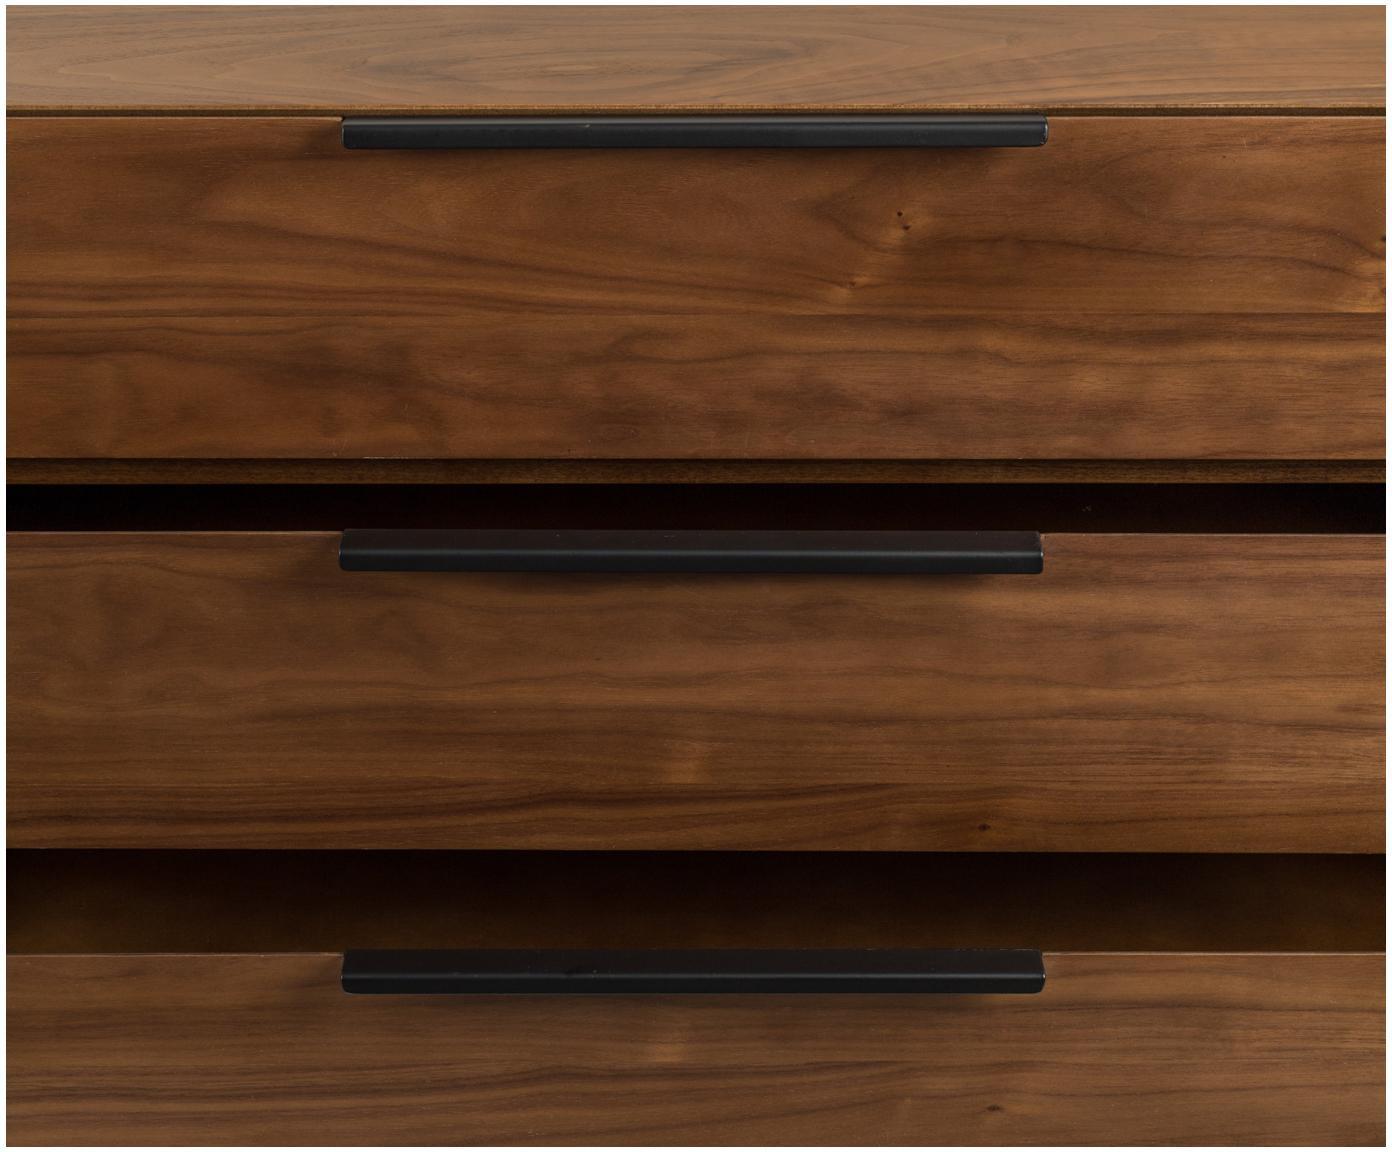 Dressoir Travis met notenhoutfineer in retro design, Frame: MDF met gelakt notenhoutf, Frame: walnootbruin. Handvatten, frame en poten: zwart, 180 x 71 cm